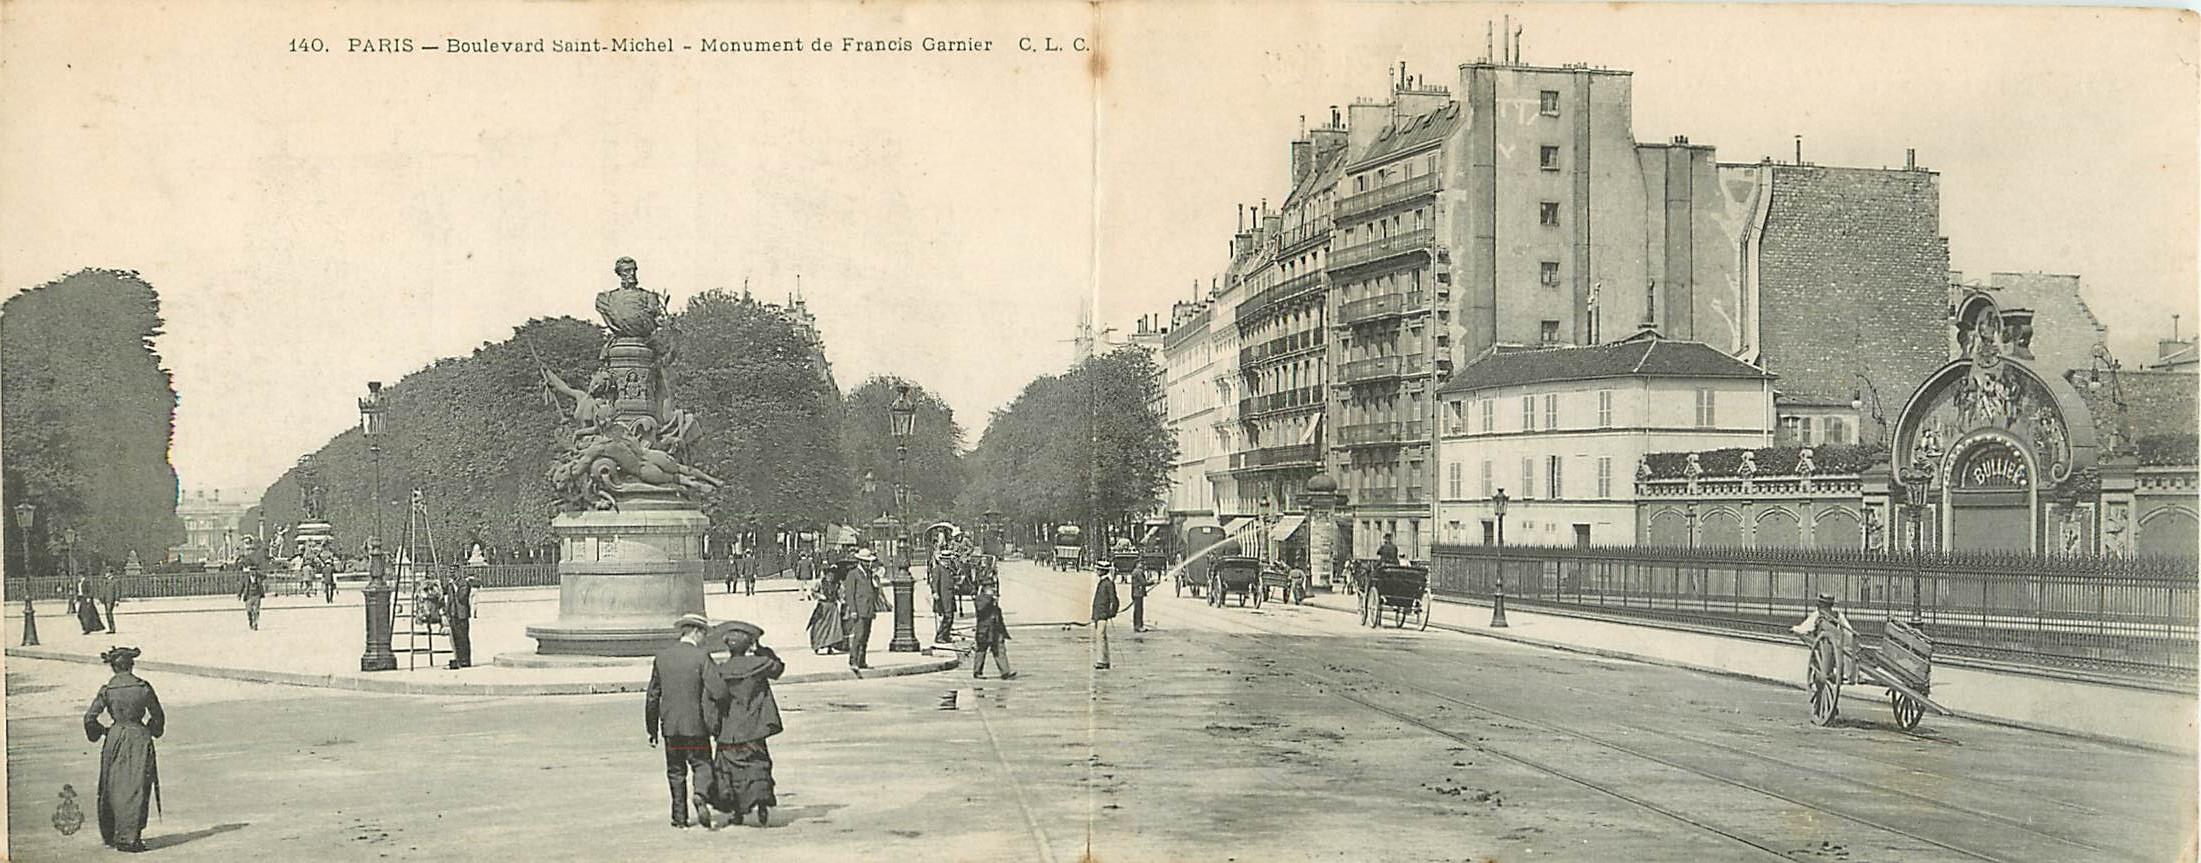 WW PARIS V. Le Bal Bullier et monument Garnier Boulevard Saint-Michel 1917